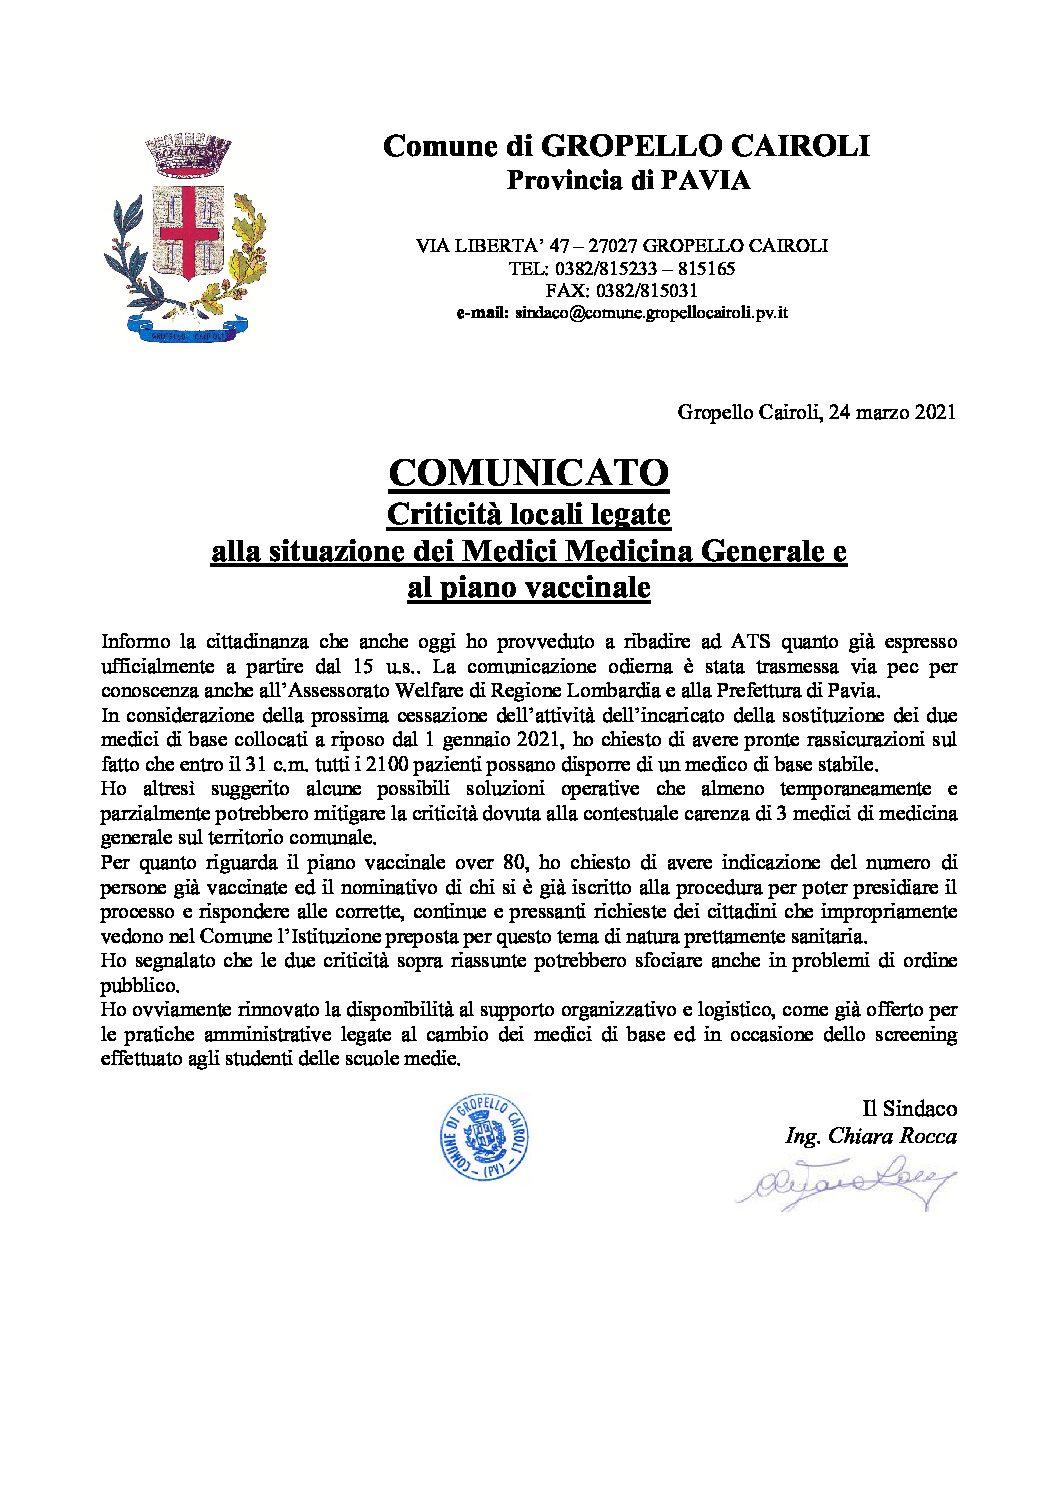 CRITICITA' SANITARIE LOCALI: COMUNICATO DEL SINDACO